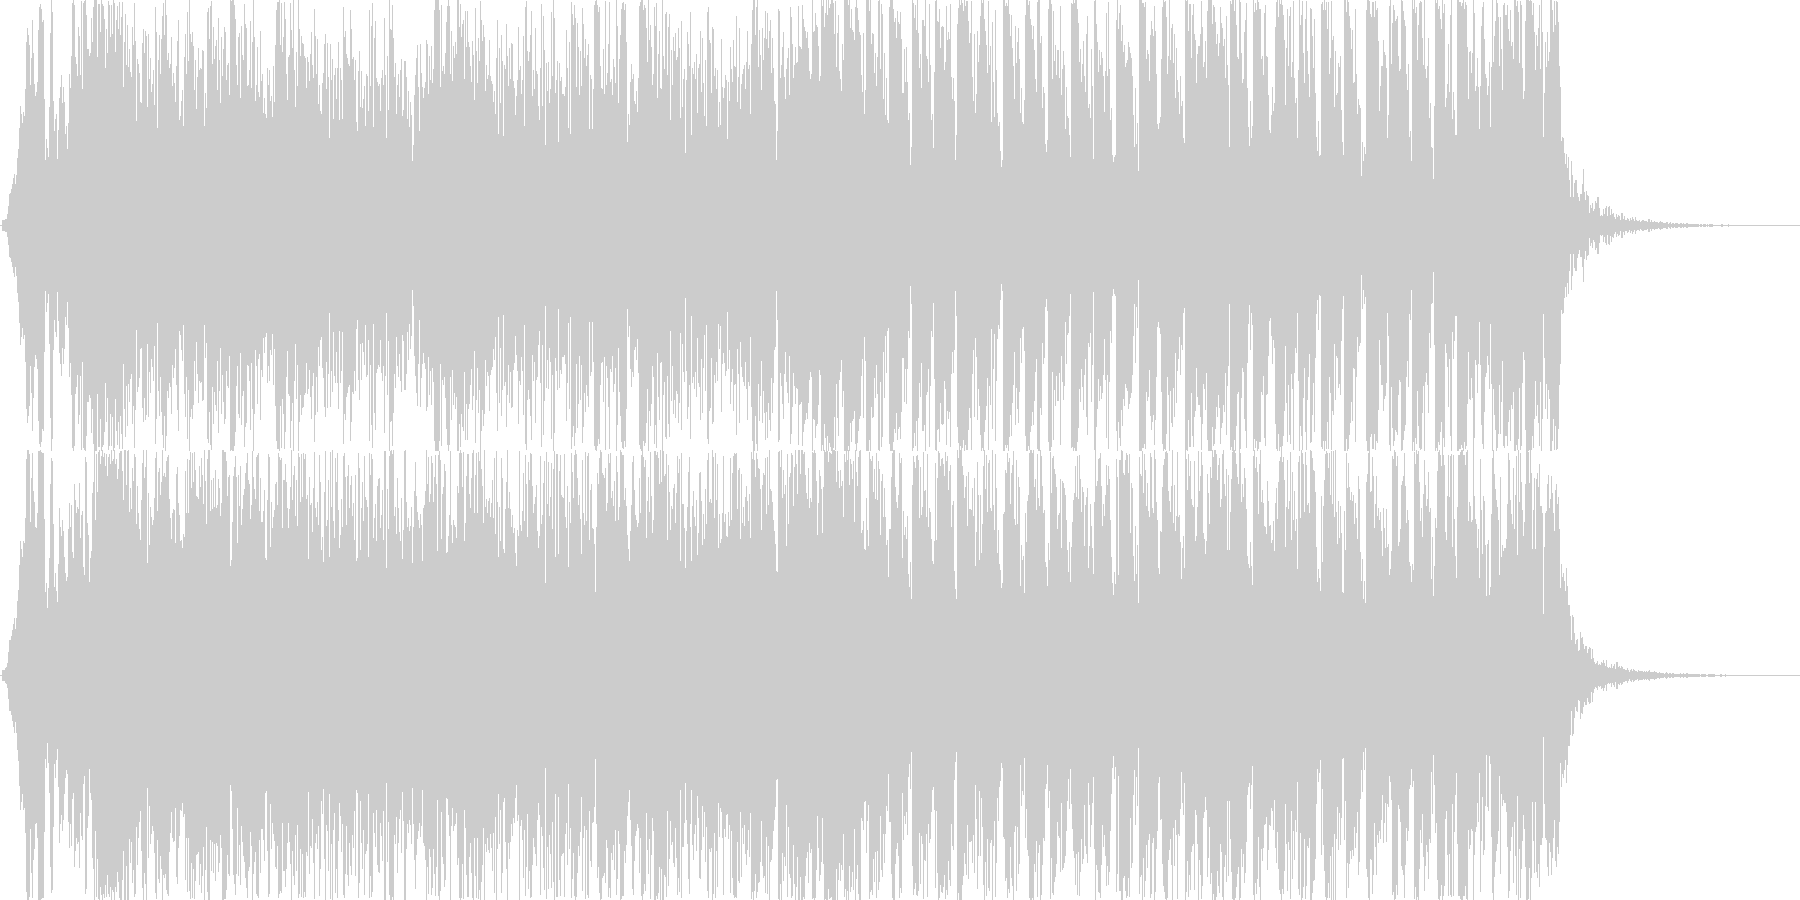 和風、ゲーム煽りBGM、大人用/掛声有りの未再生の波形